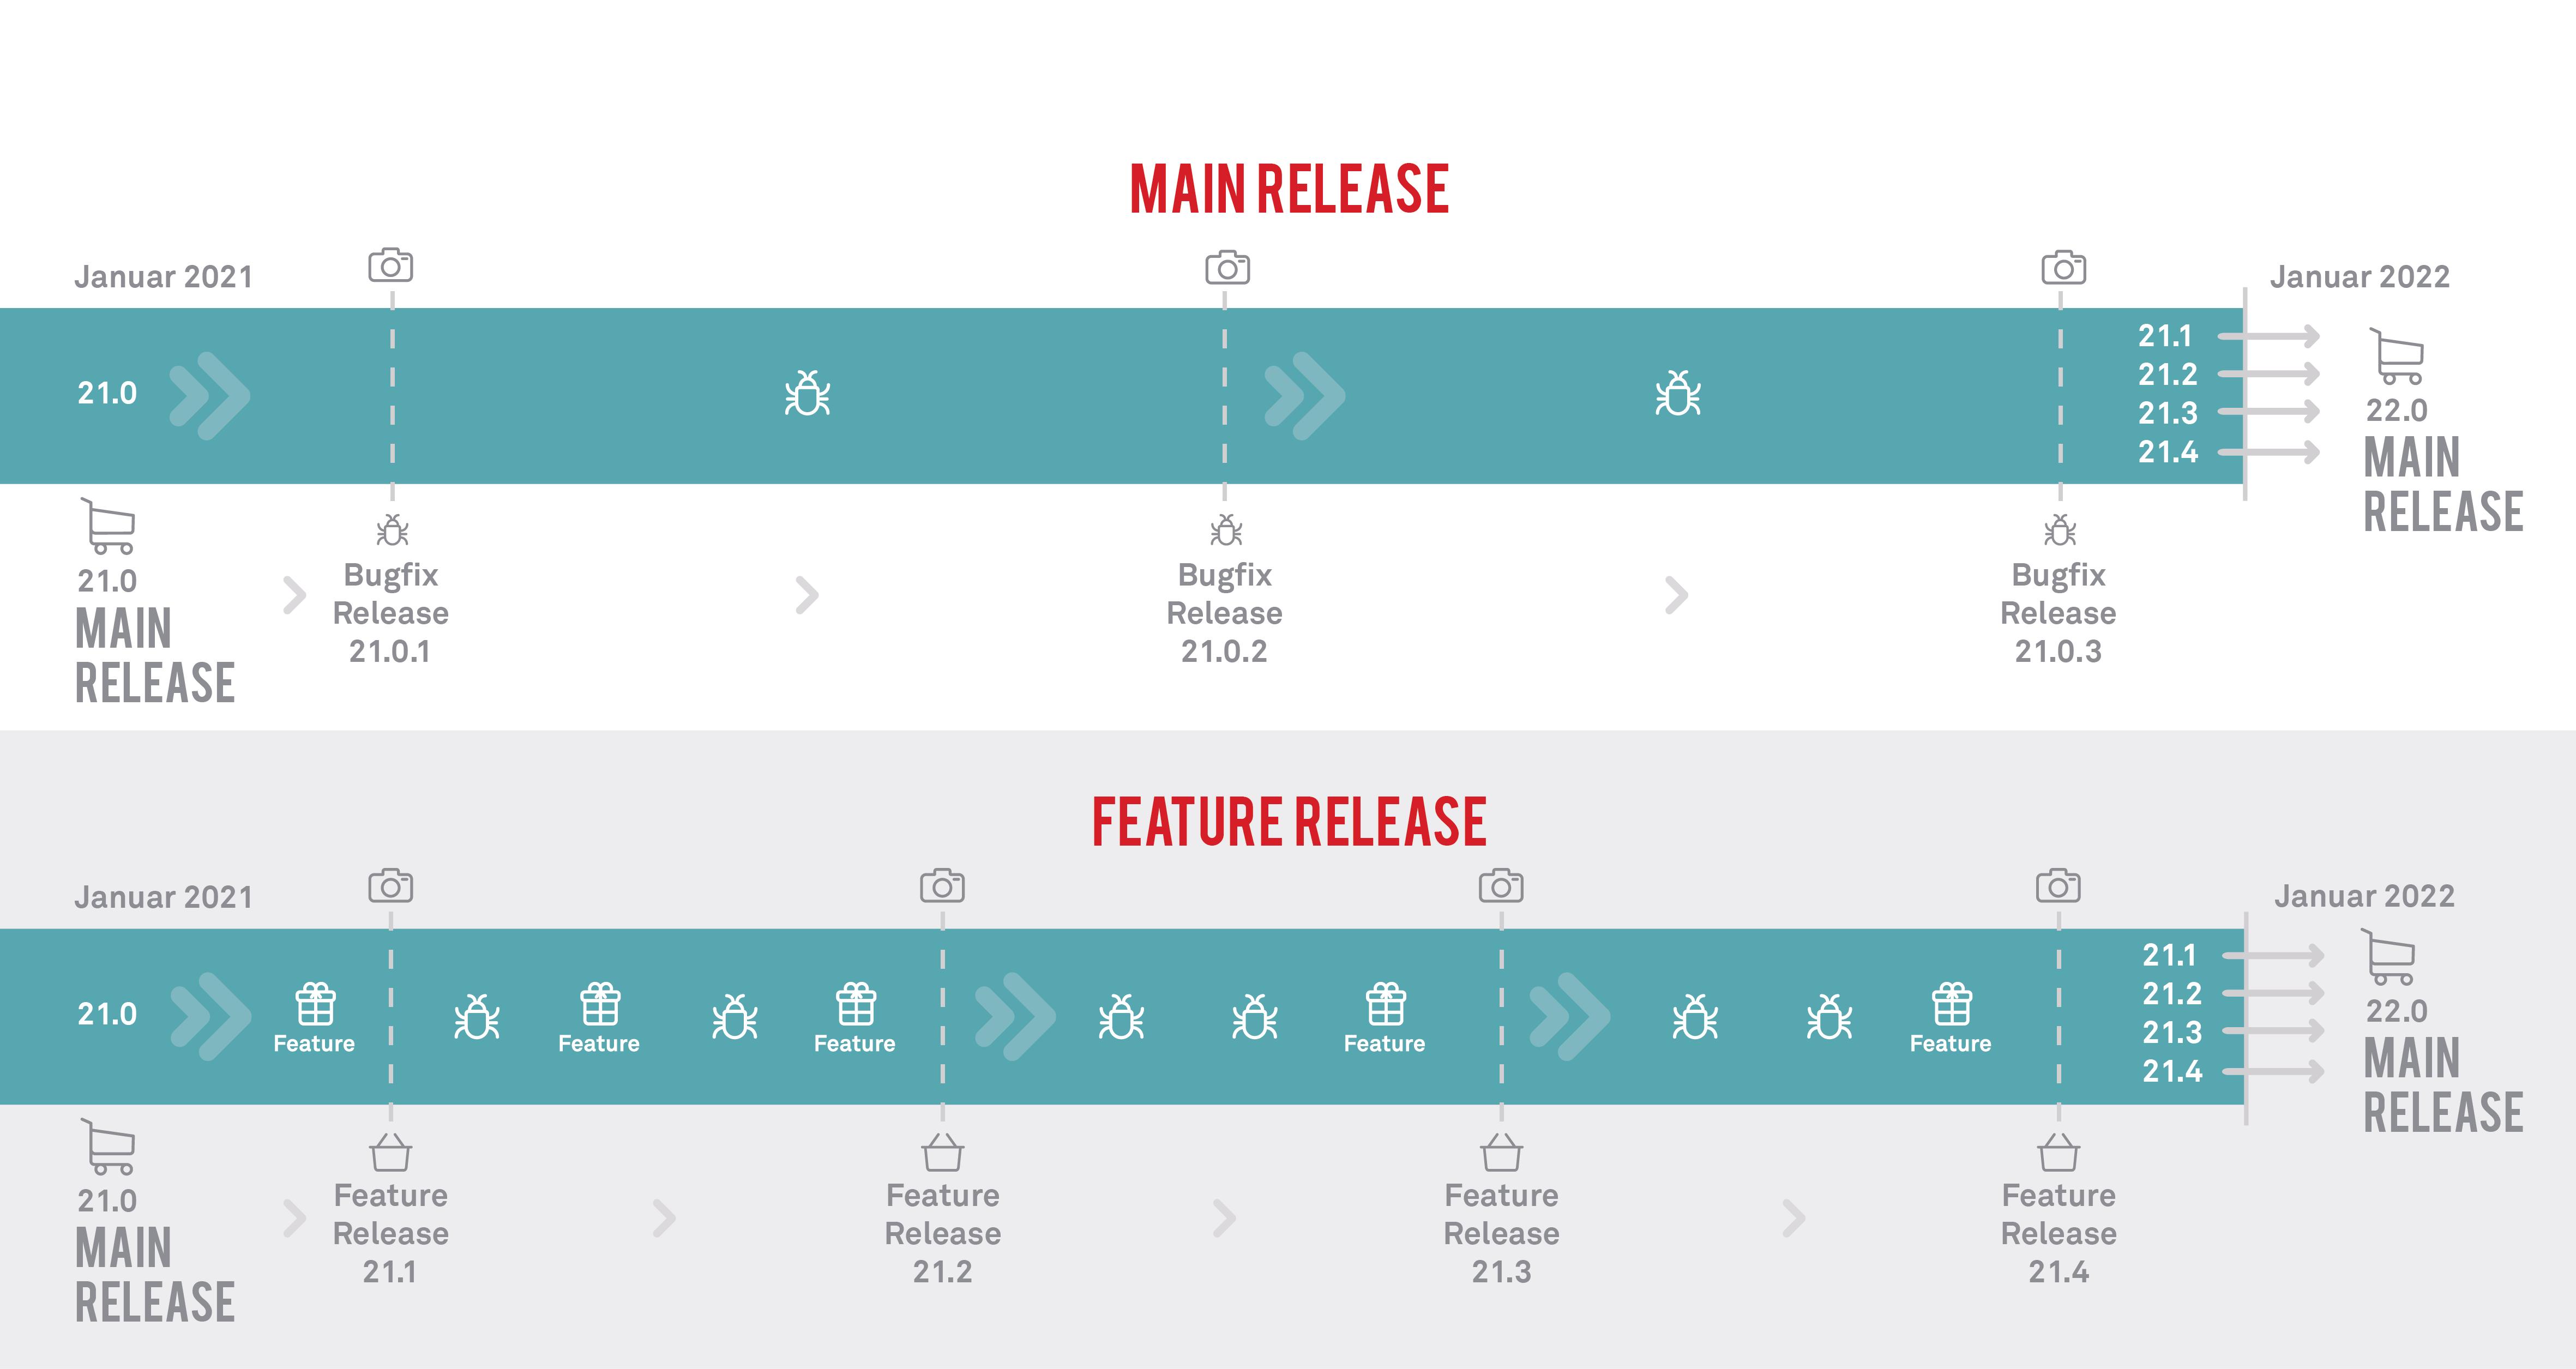 POLYPOINT_Blog_Einblender_Neues_Release_Management-1